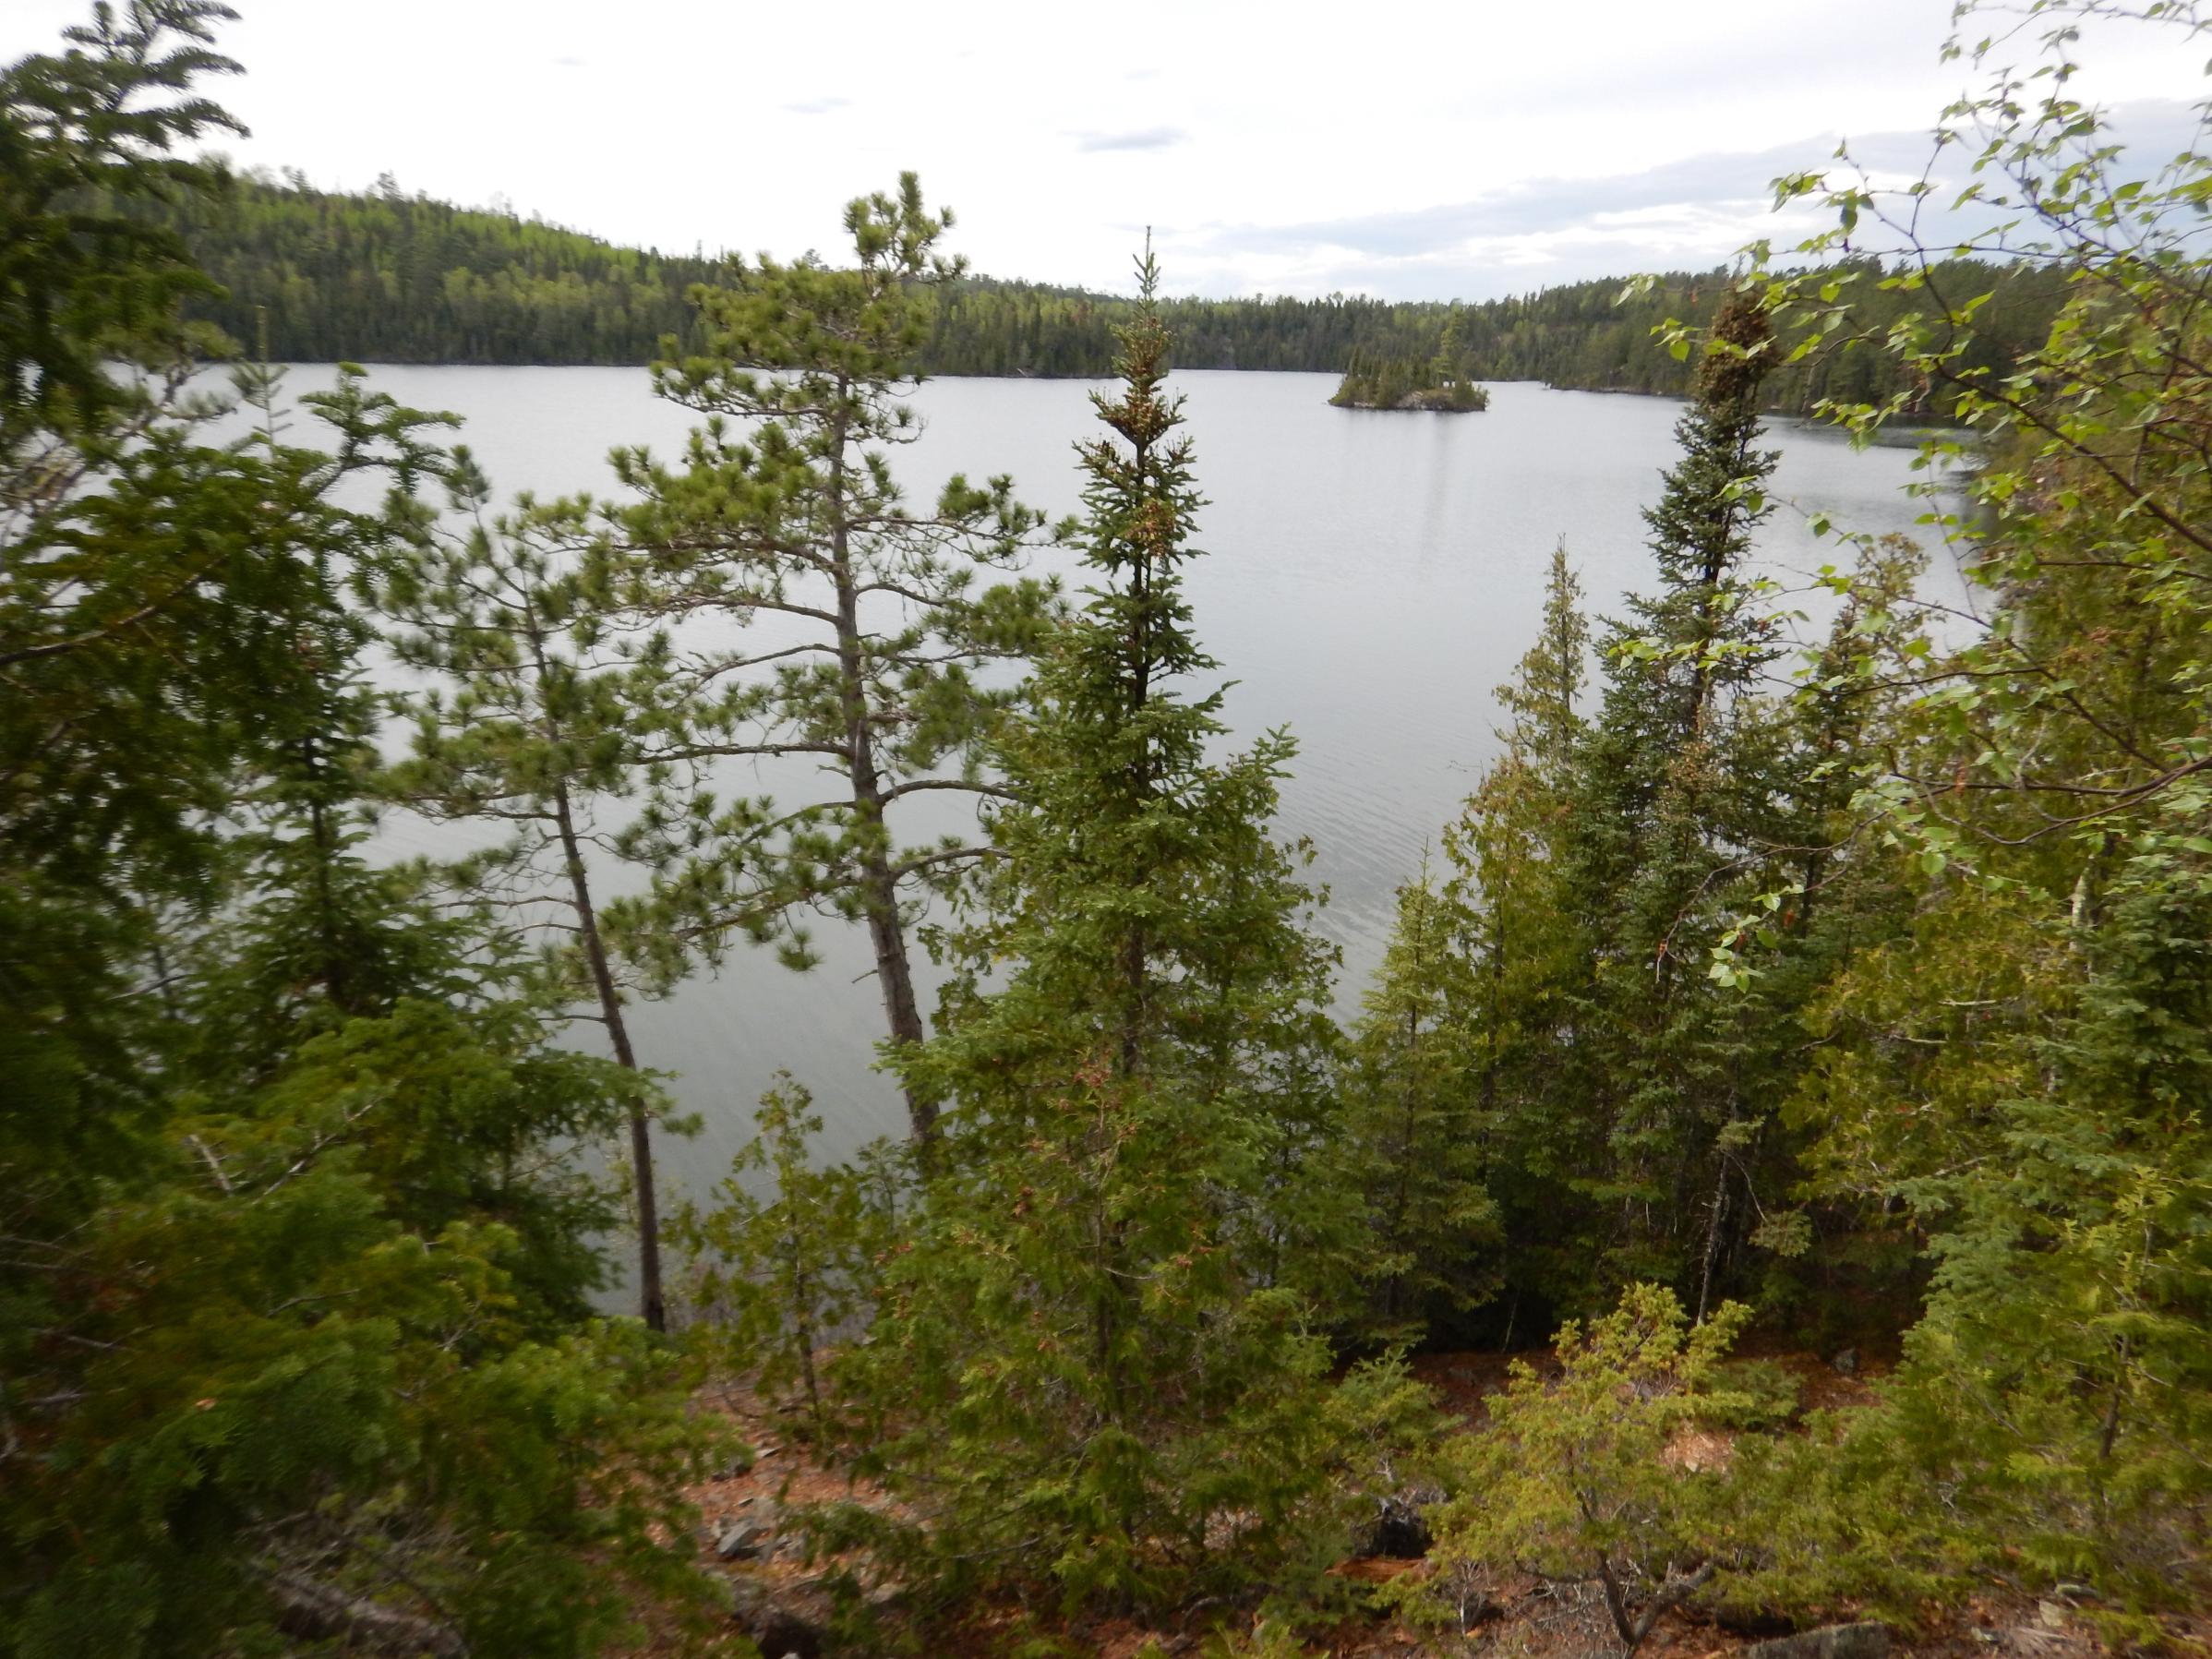 Ester campsite overlook